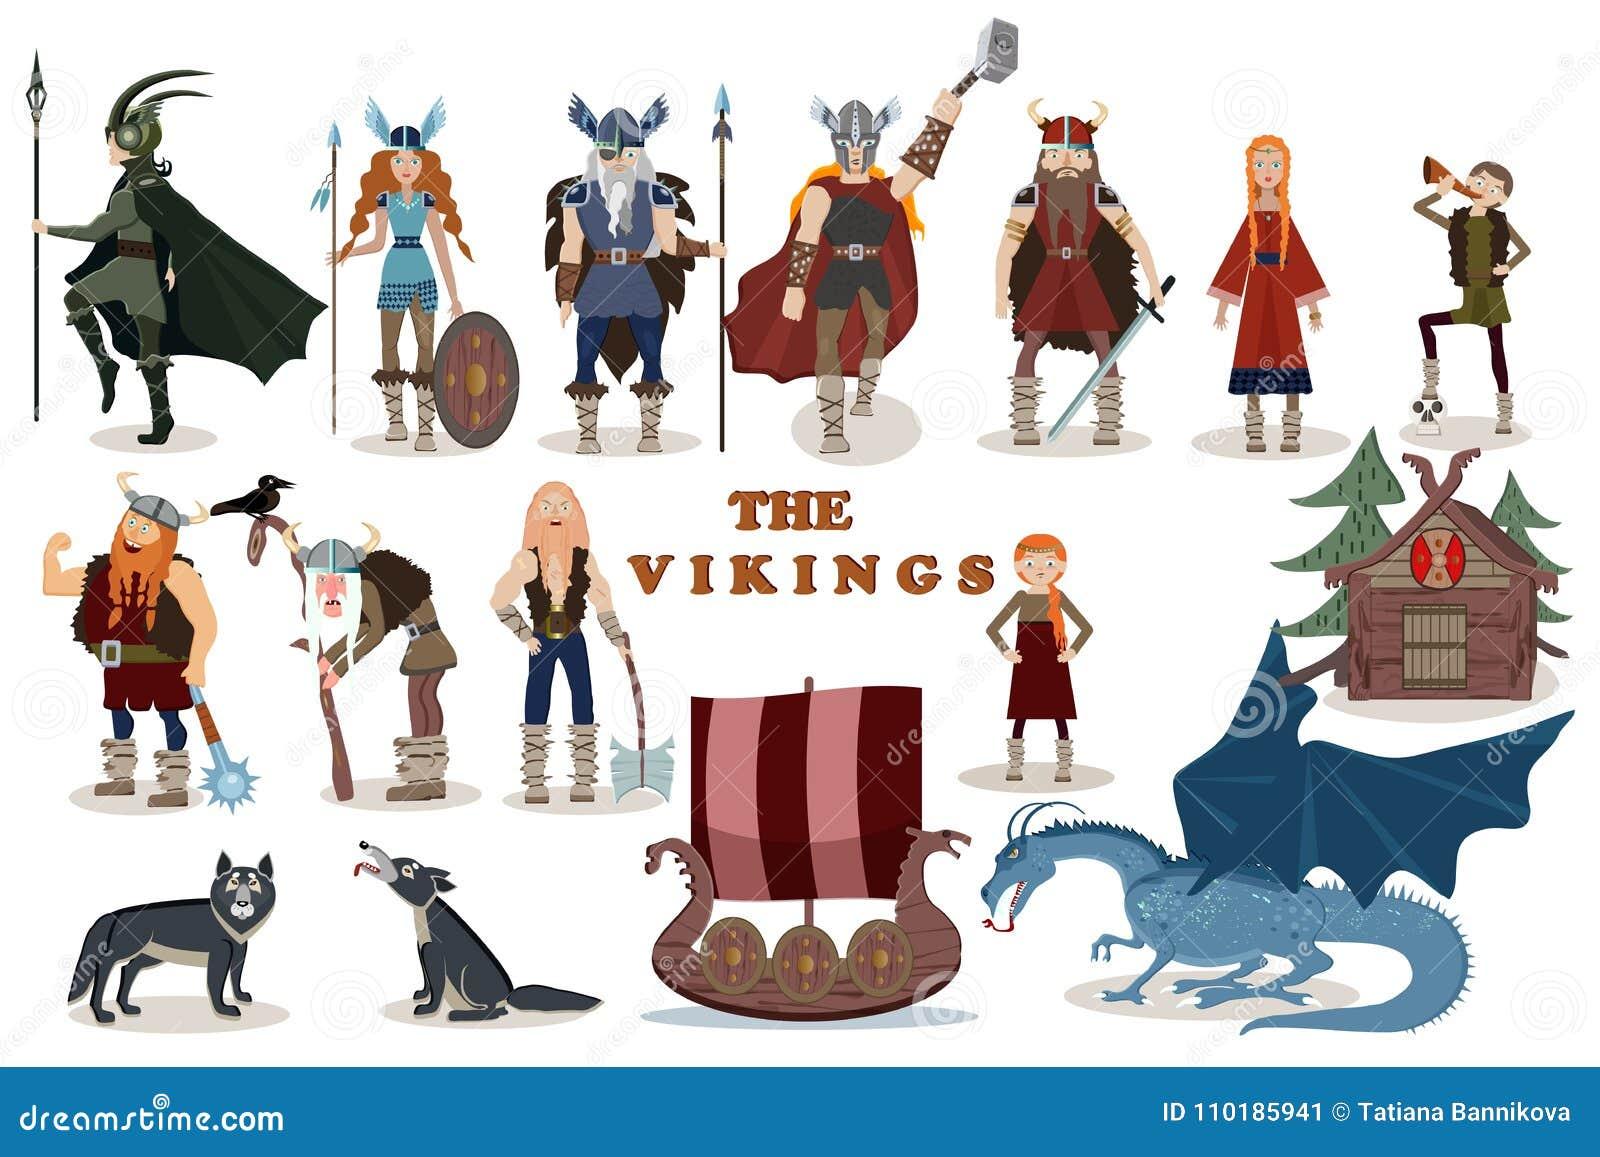 Die Wikinger Viking Zeichentrickfilm Figuren Vektor Abbildung